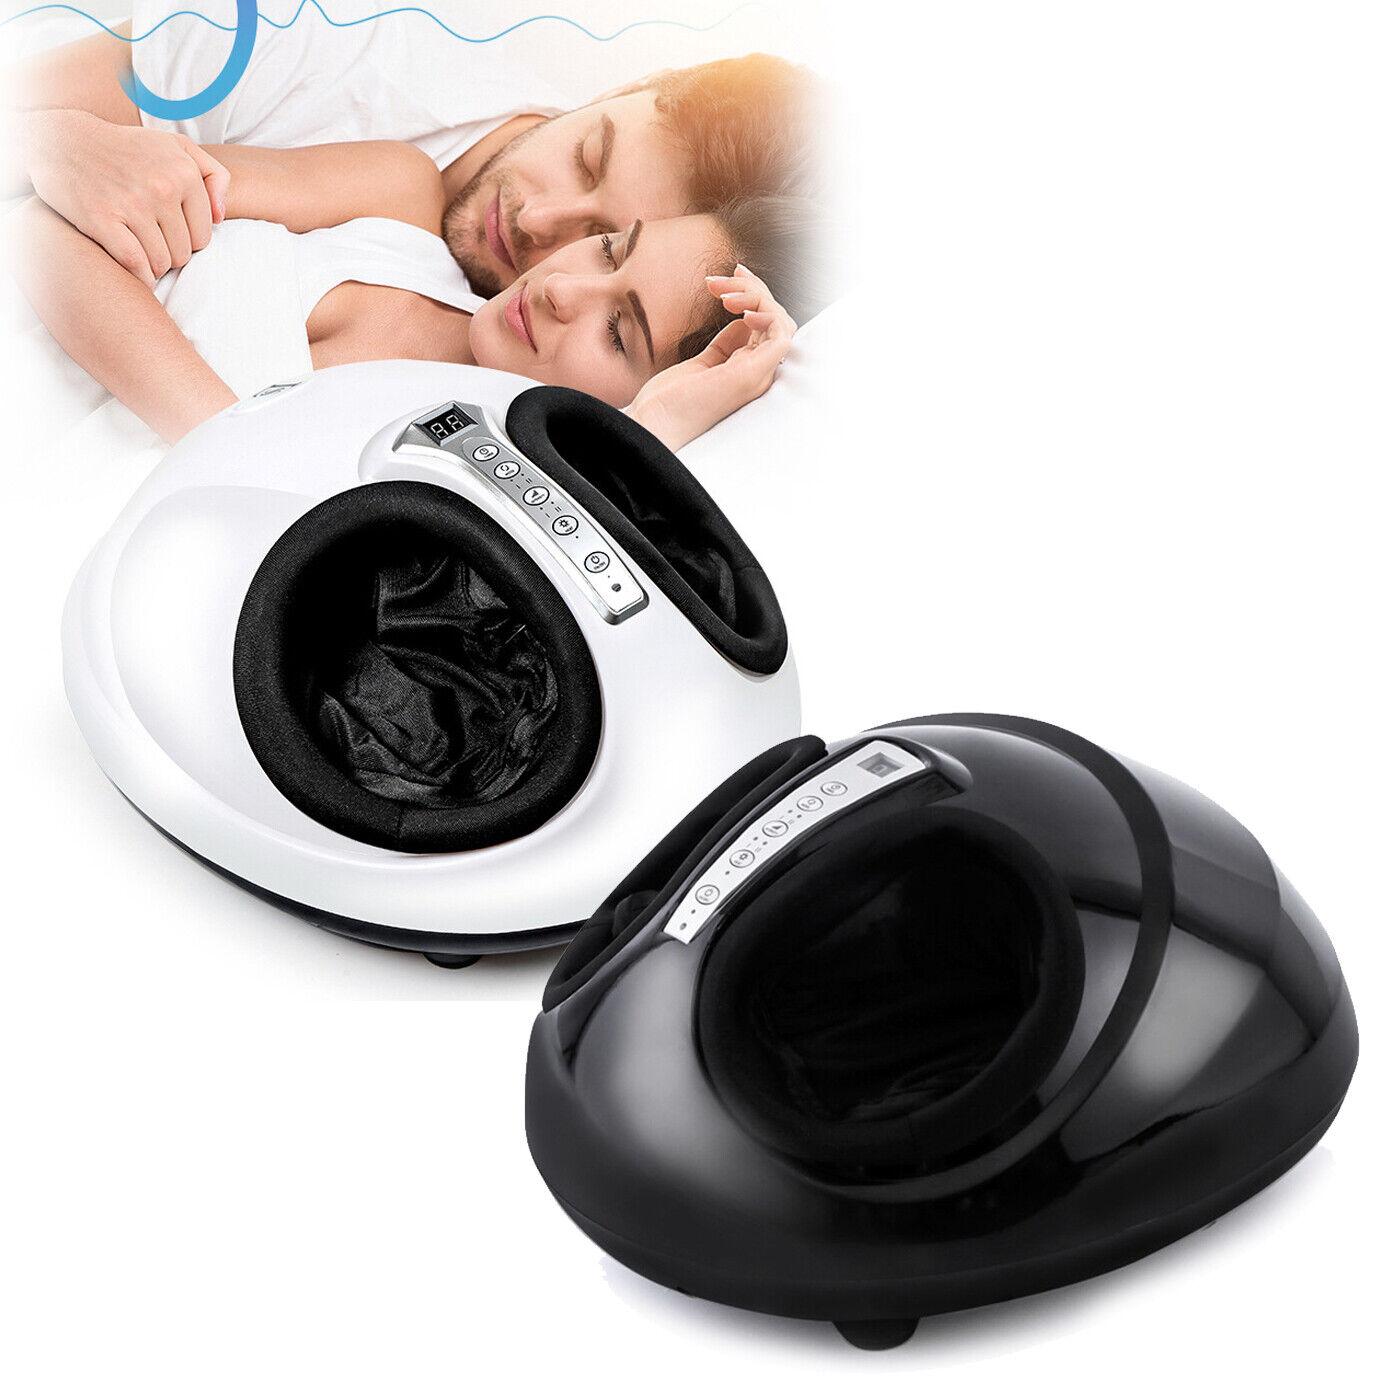 Fußmassagegerät mit Wärmefunktion Fussmassage Elektrisch Kneten Fuß Massage Neu